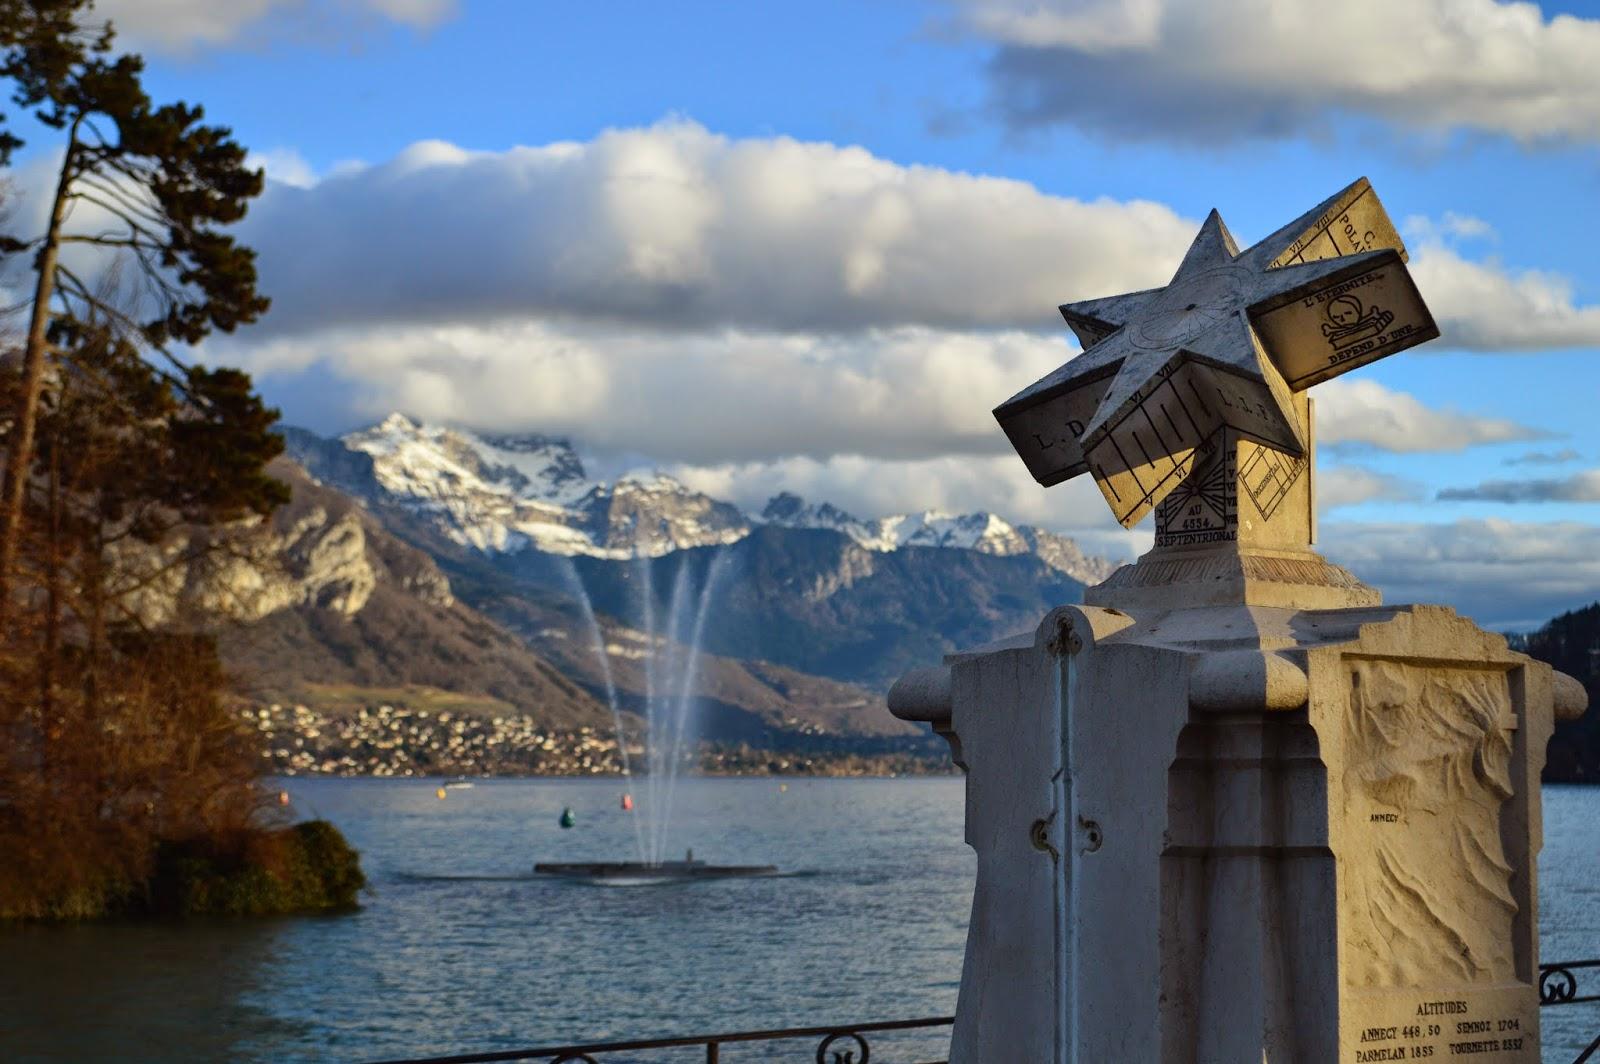 L'hiver sur le lac d'Annecy en Haute-Savoie